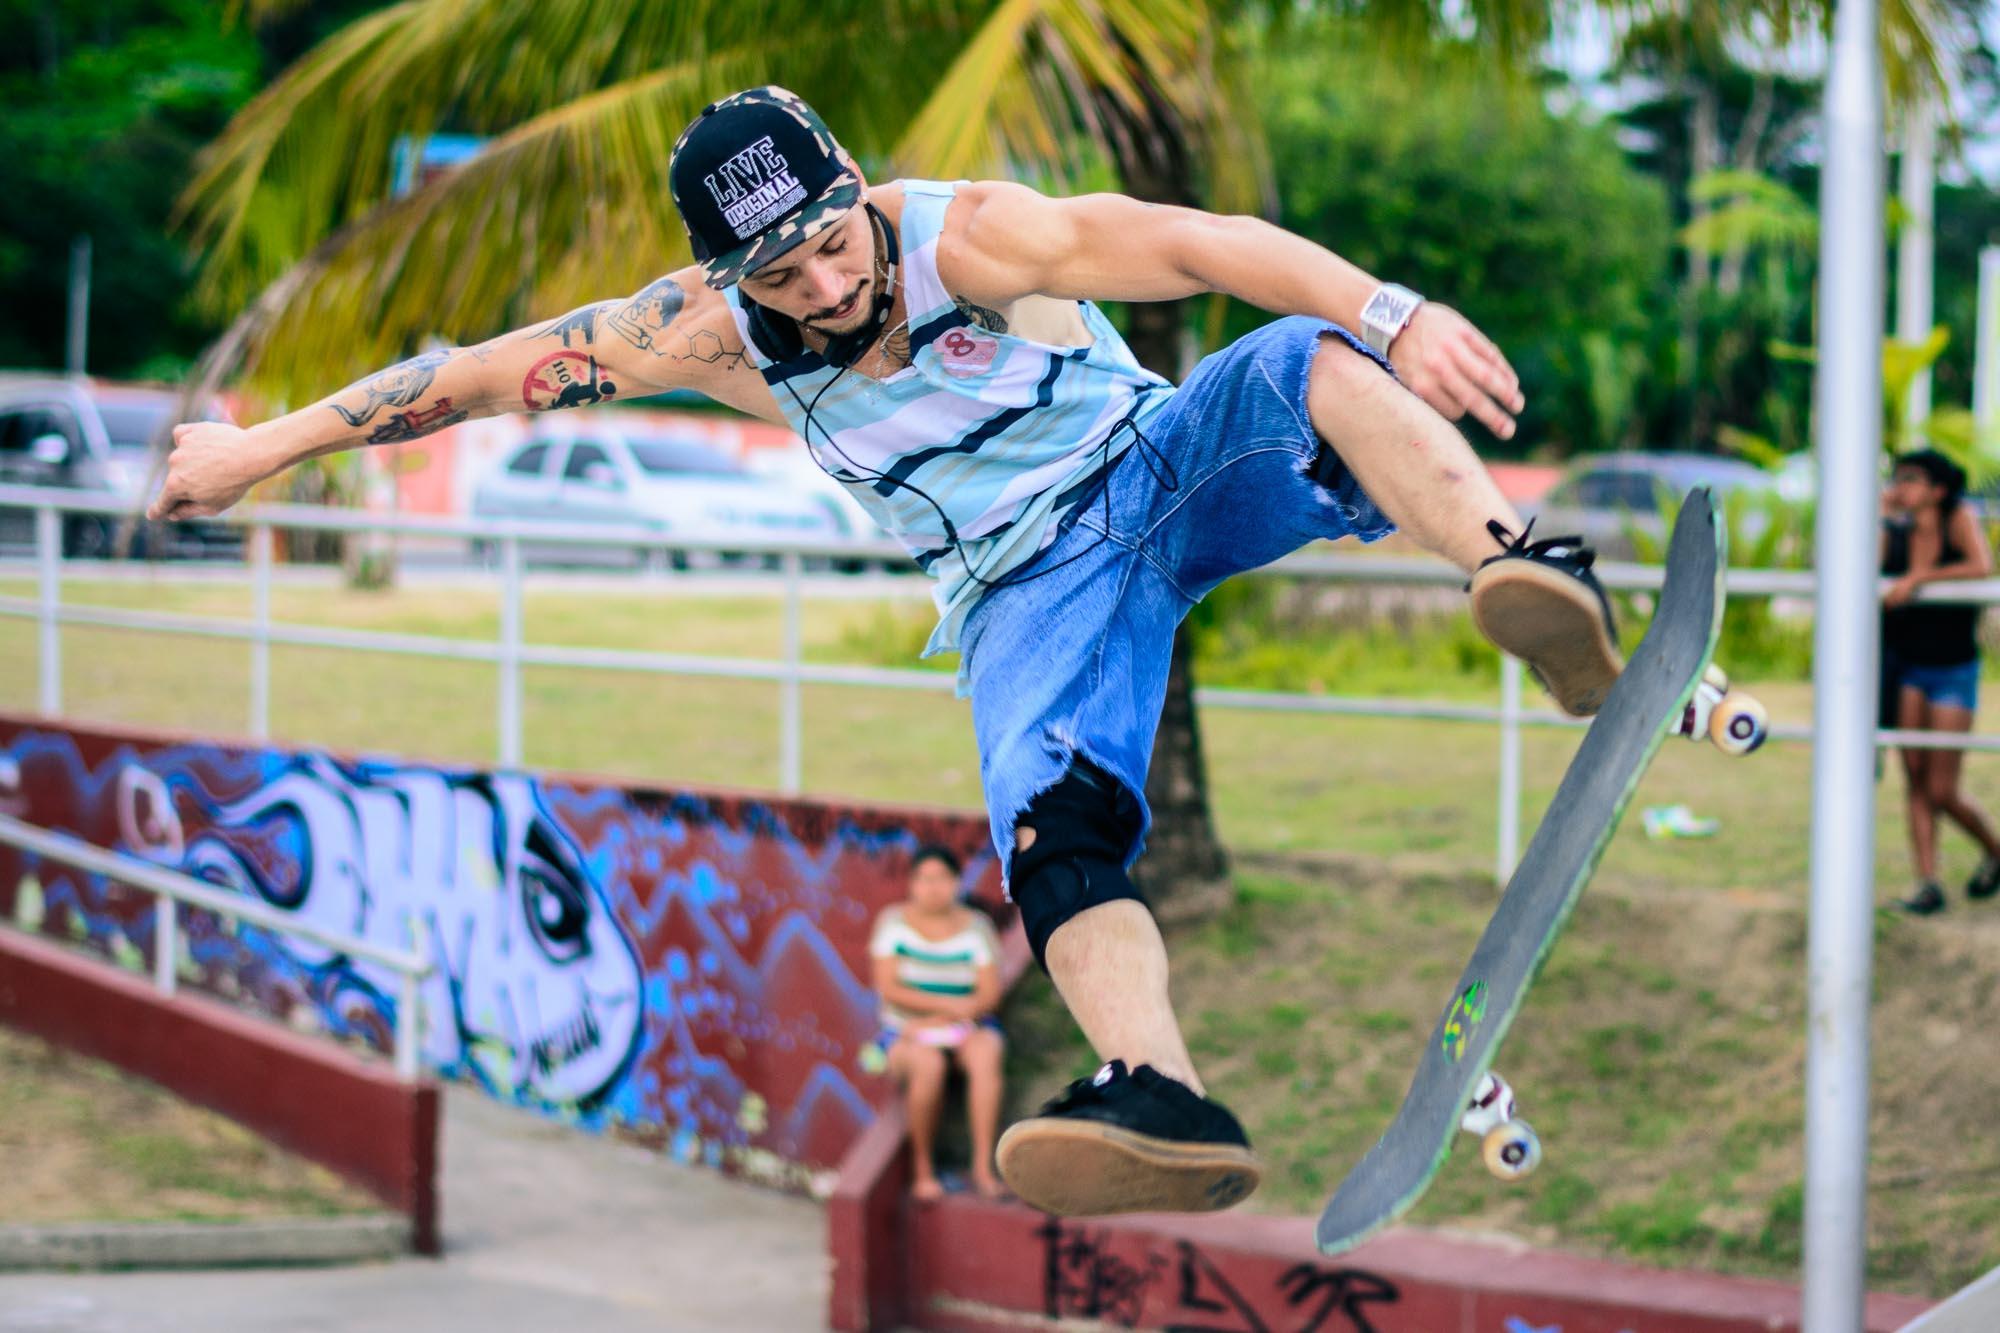 Greg Lee Skateboarder Trick 2